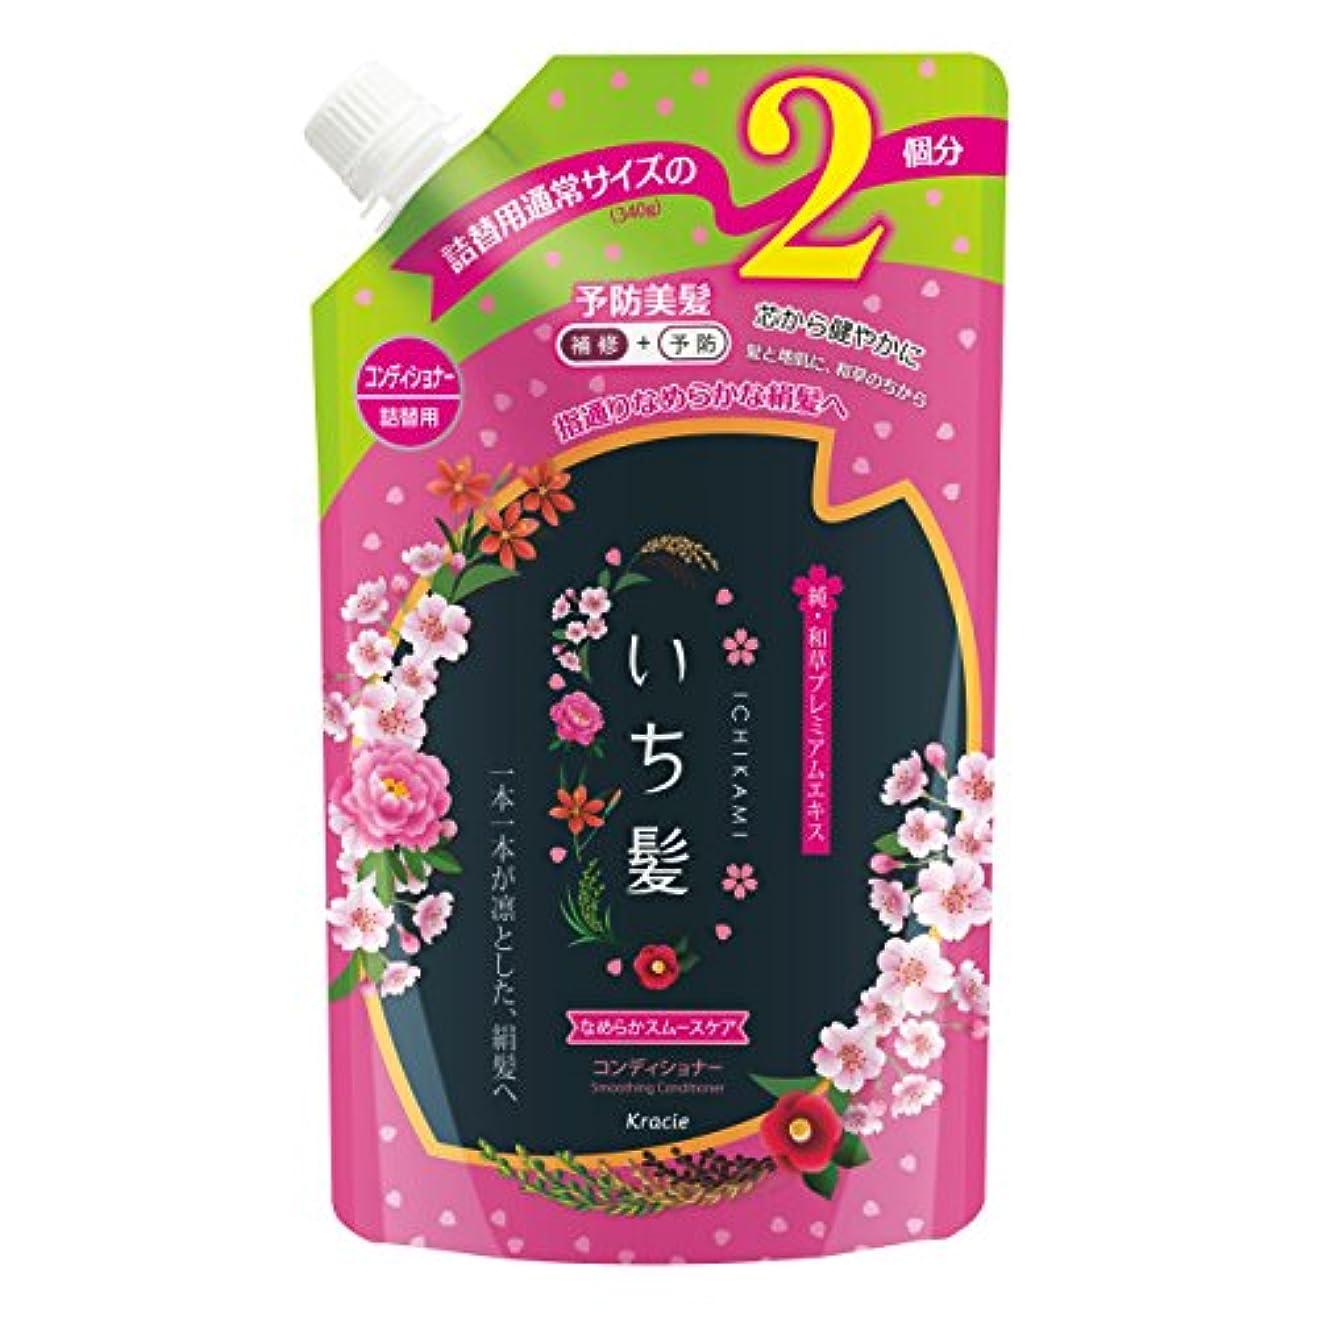 カブペナルティ適格いち髪 なめらかスムースケア コンディショナー 詰替用2回分 680g